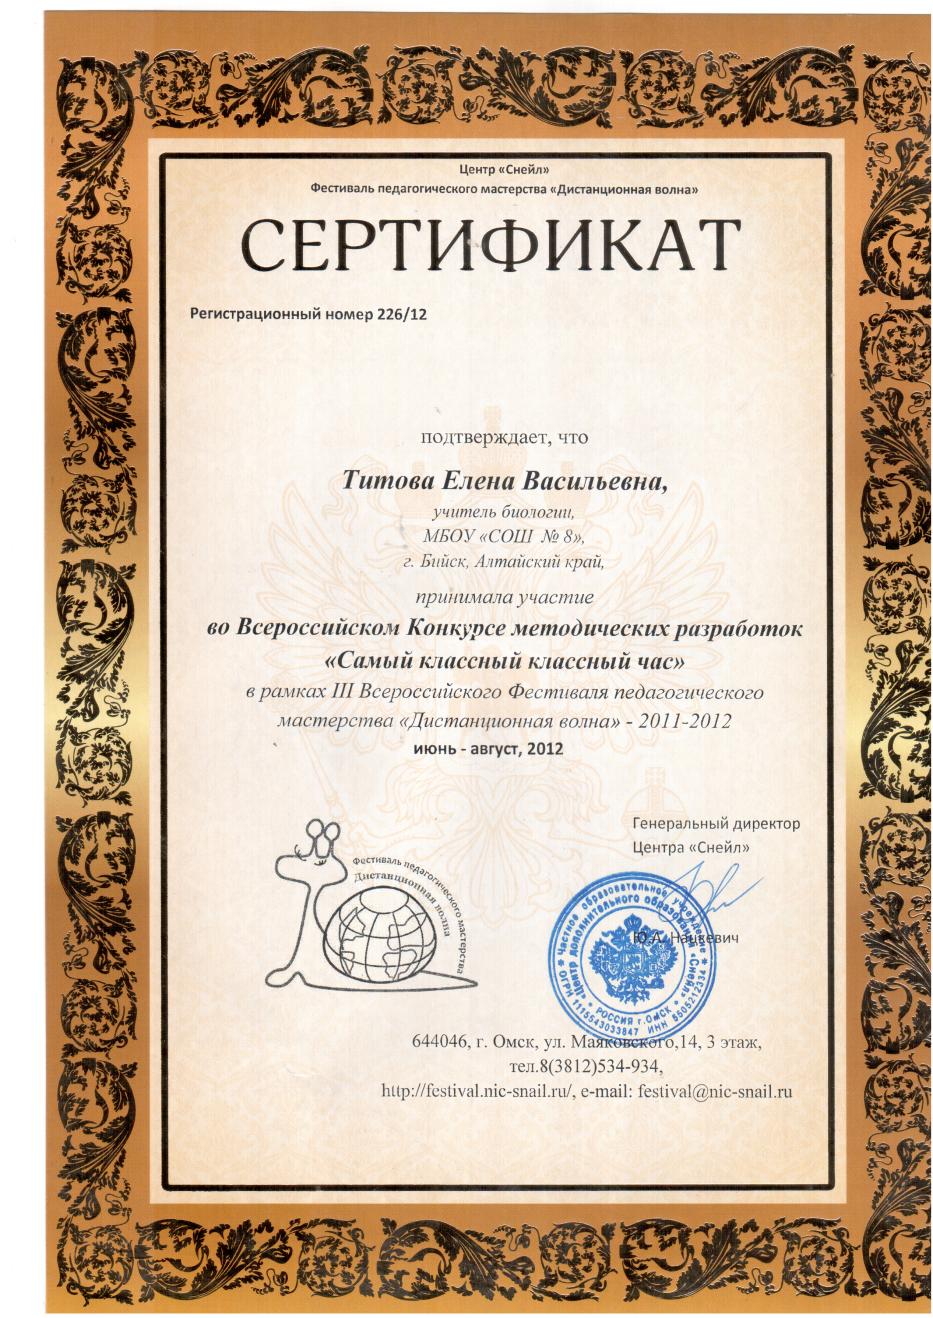 C:\Documents and Settings\Лена & Компания\Мои документы\Мои рисунки\Отсканировано 03.02.2013 17-33.bmp